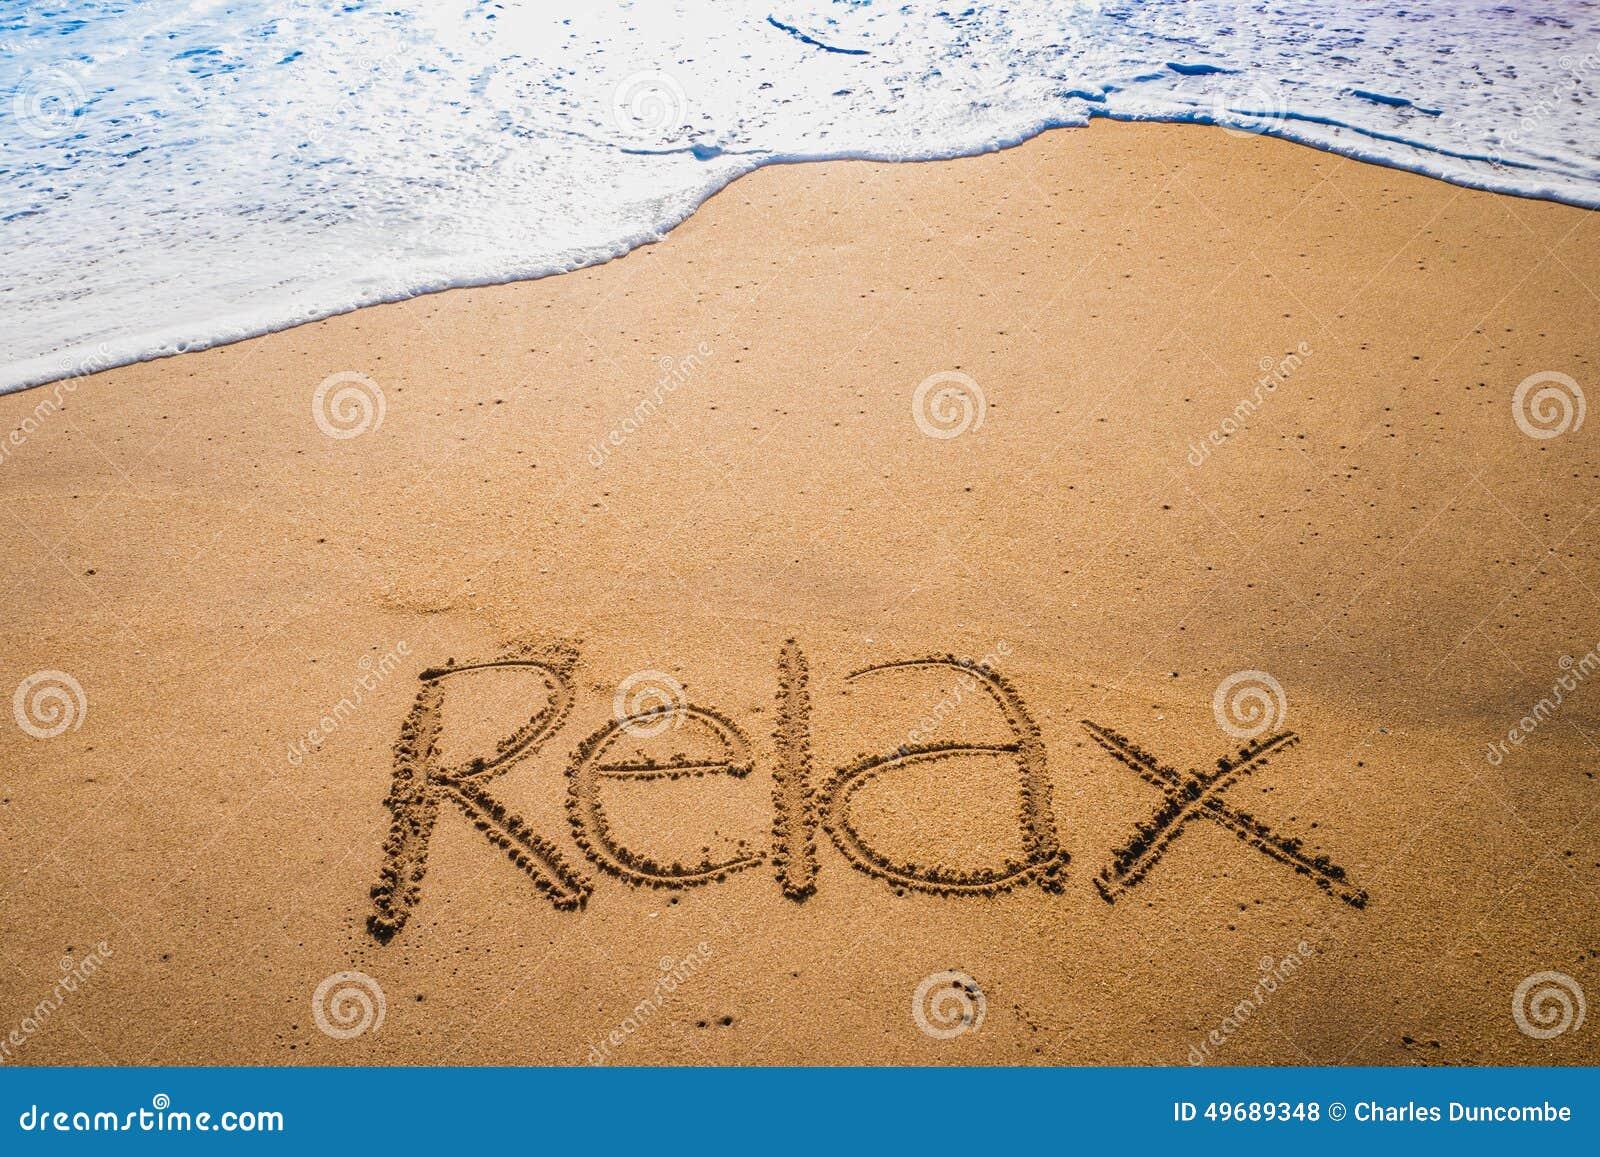 Palabras Escritas En La Arena De La: Relax Escrita En La Arena En Una Playa Foto De Archivo